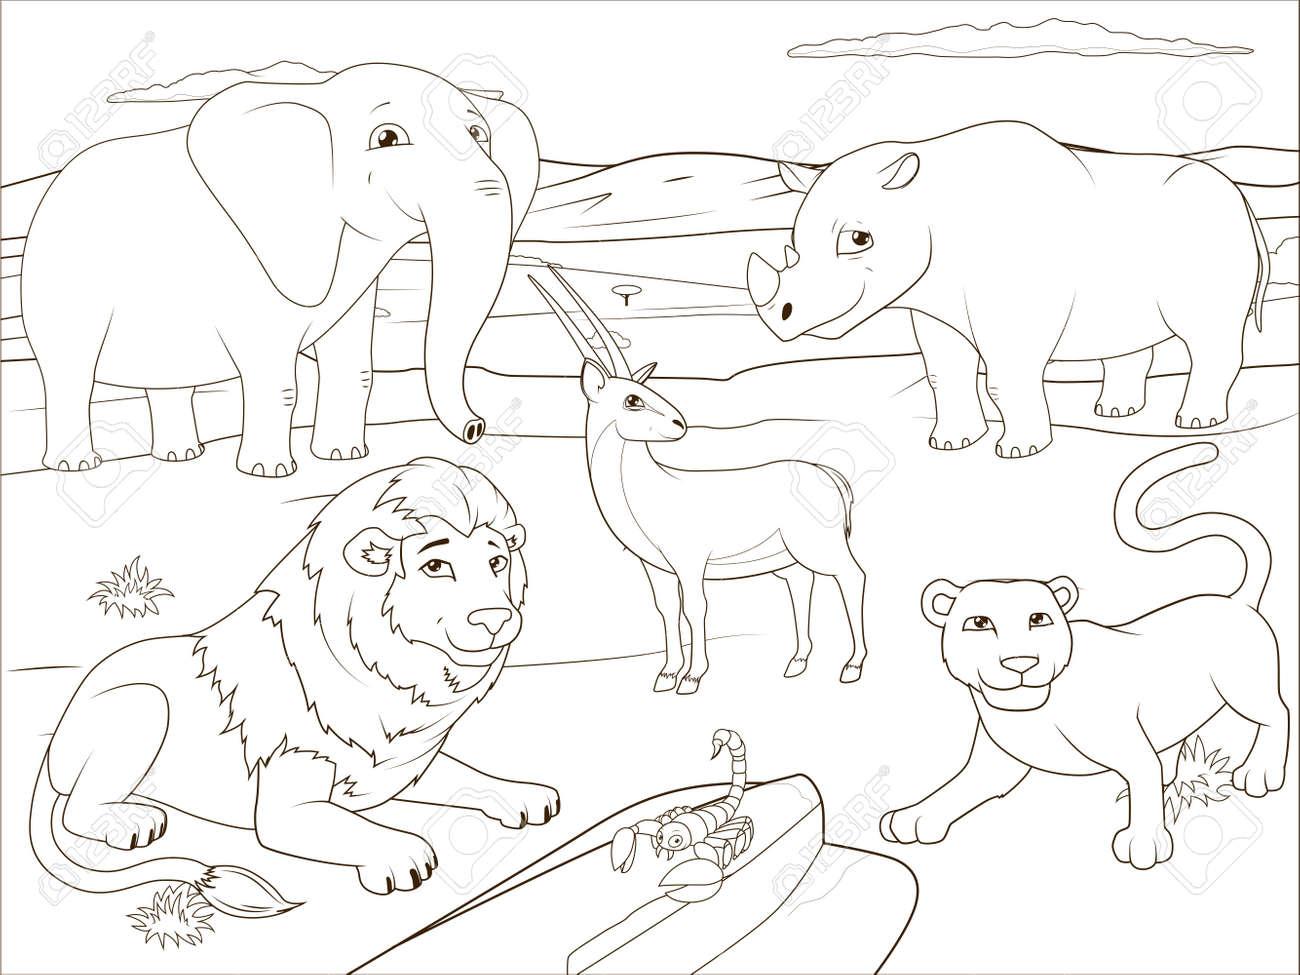 Juego Educativo Libro Para Colorear Para Los Niños Animales De La Sabana Africanos Dibujos Animados Ilustración Vectorial